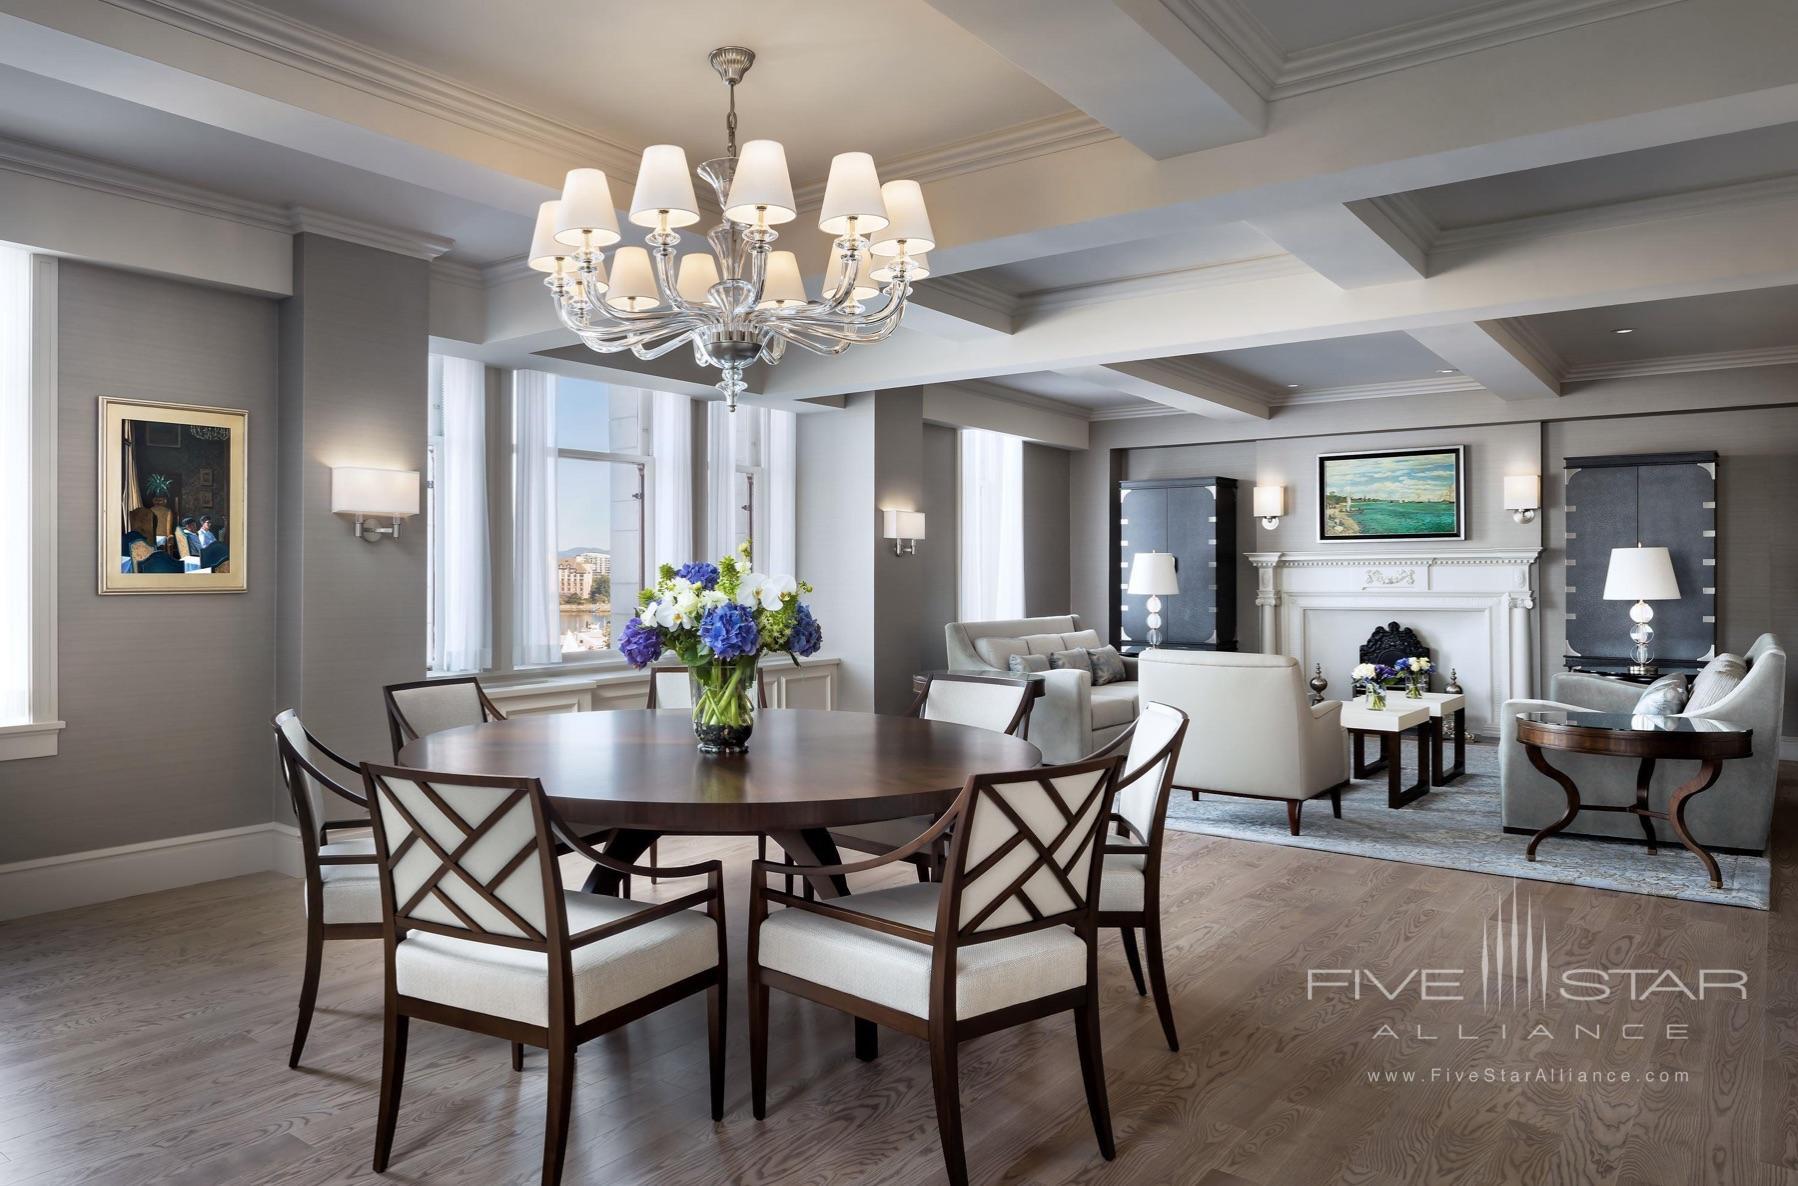 Fairmont Empress Royal Suite Living Room